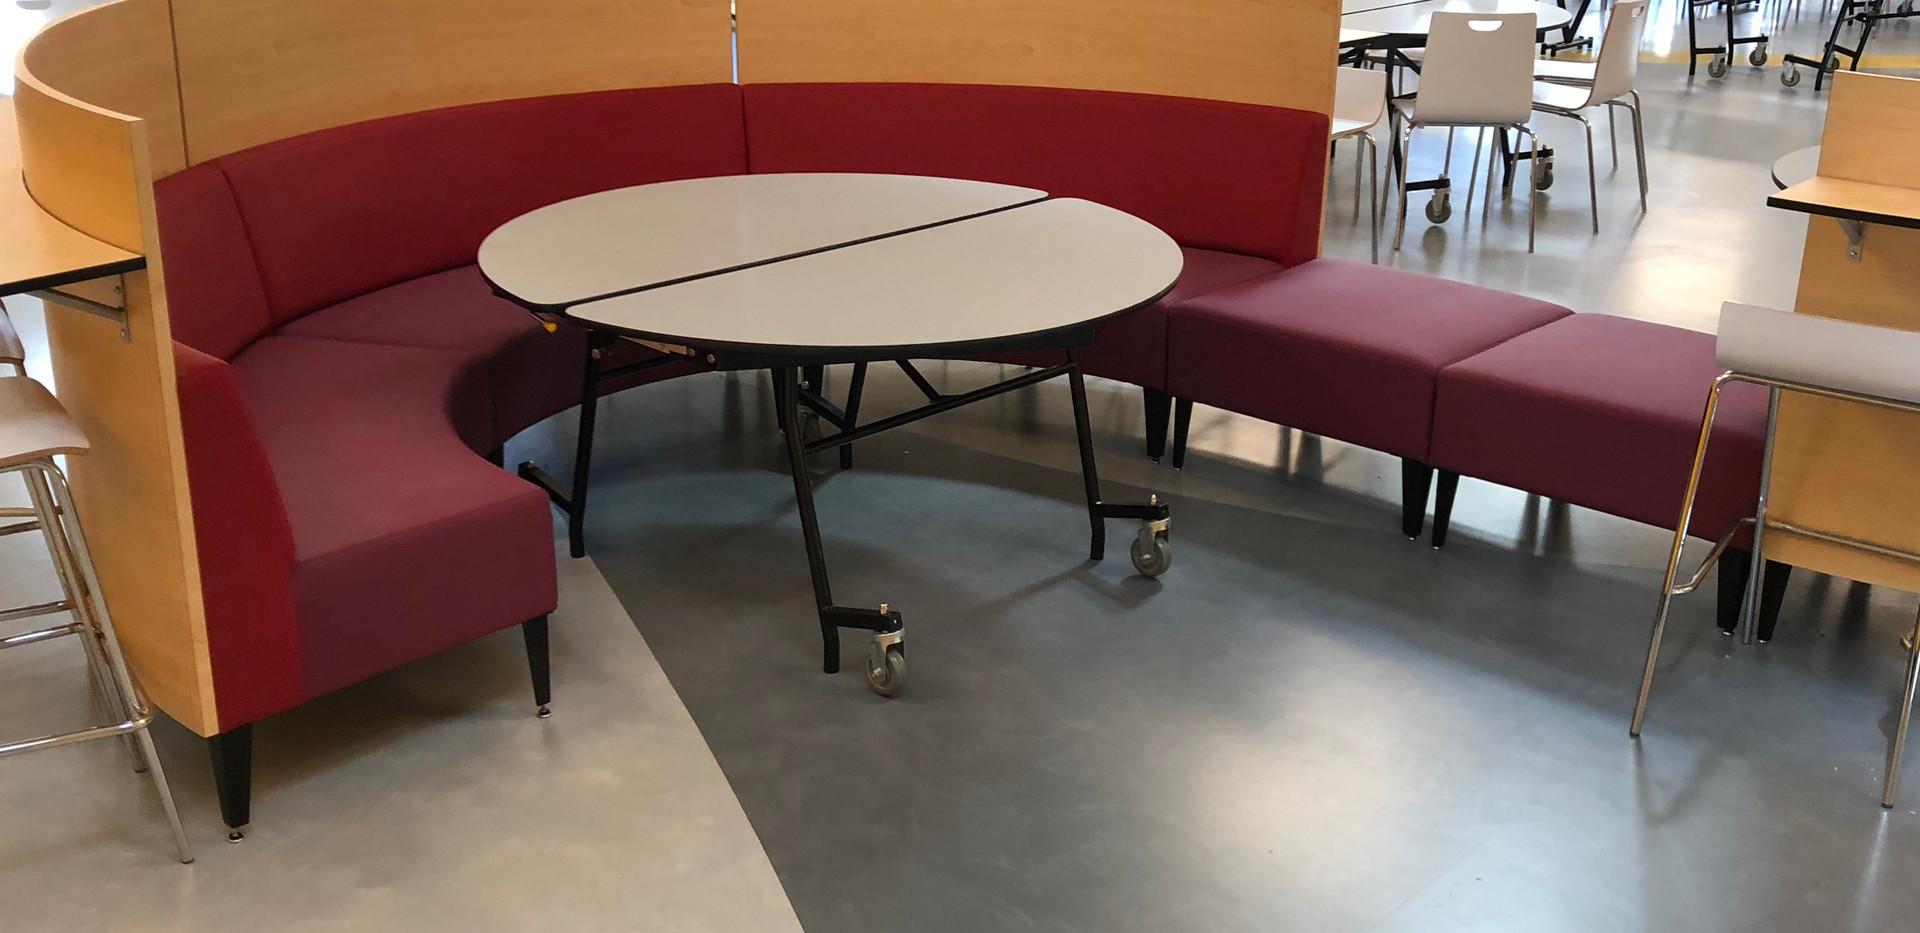 Cafeteria Rubber Flooring